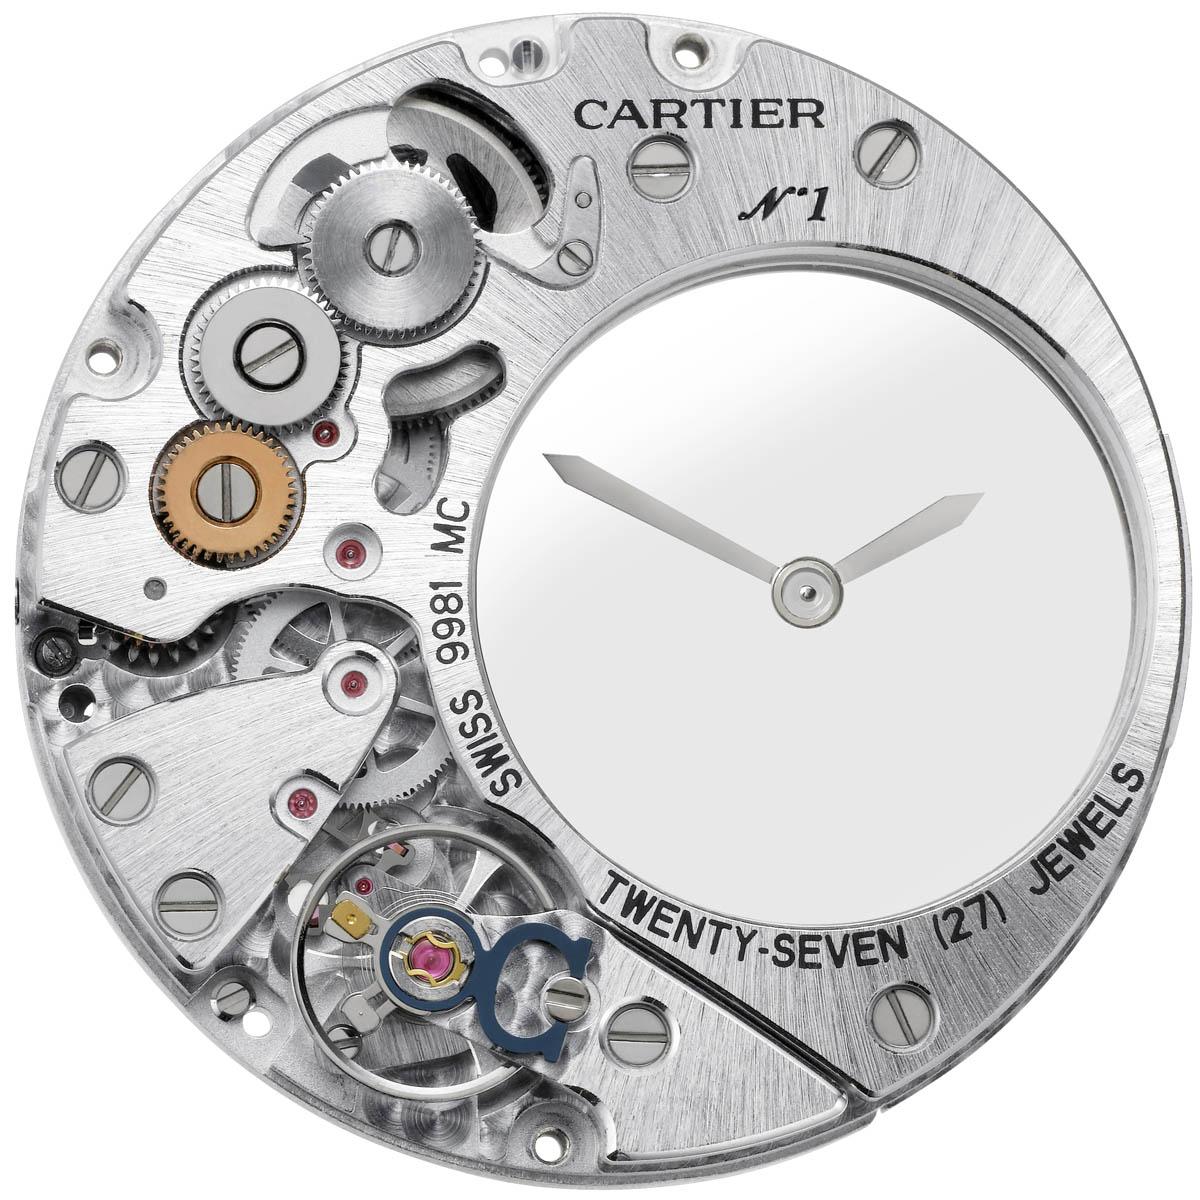 La Cote des Montres : Photo - Clé de Cartier - L'heure mystérieuse